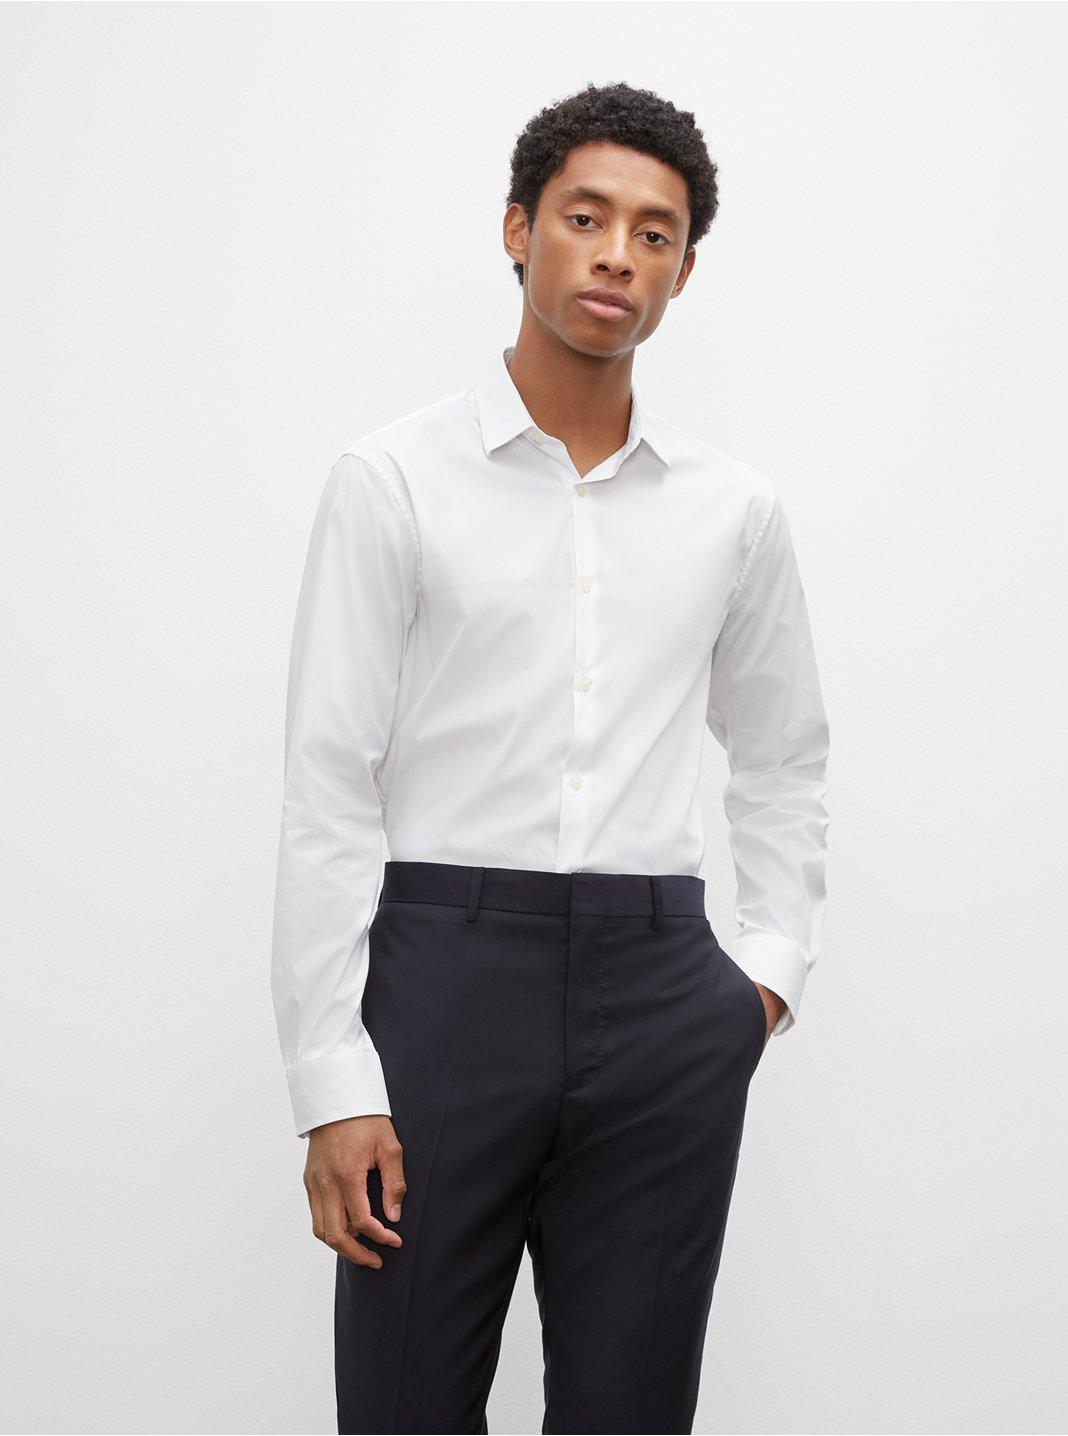 클럽 모나코 맨 드레스 셔츠 Club Monaco Stretch Poplin Dress Shirt,White